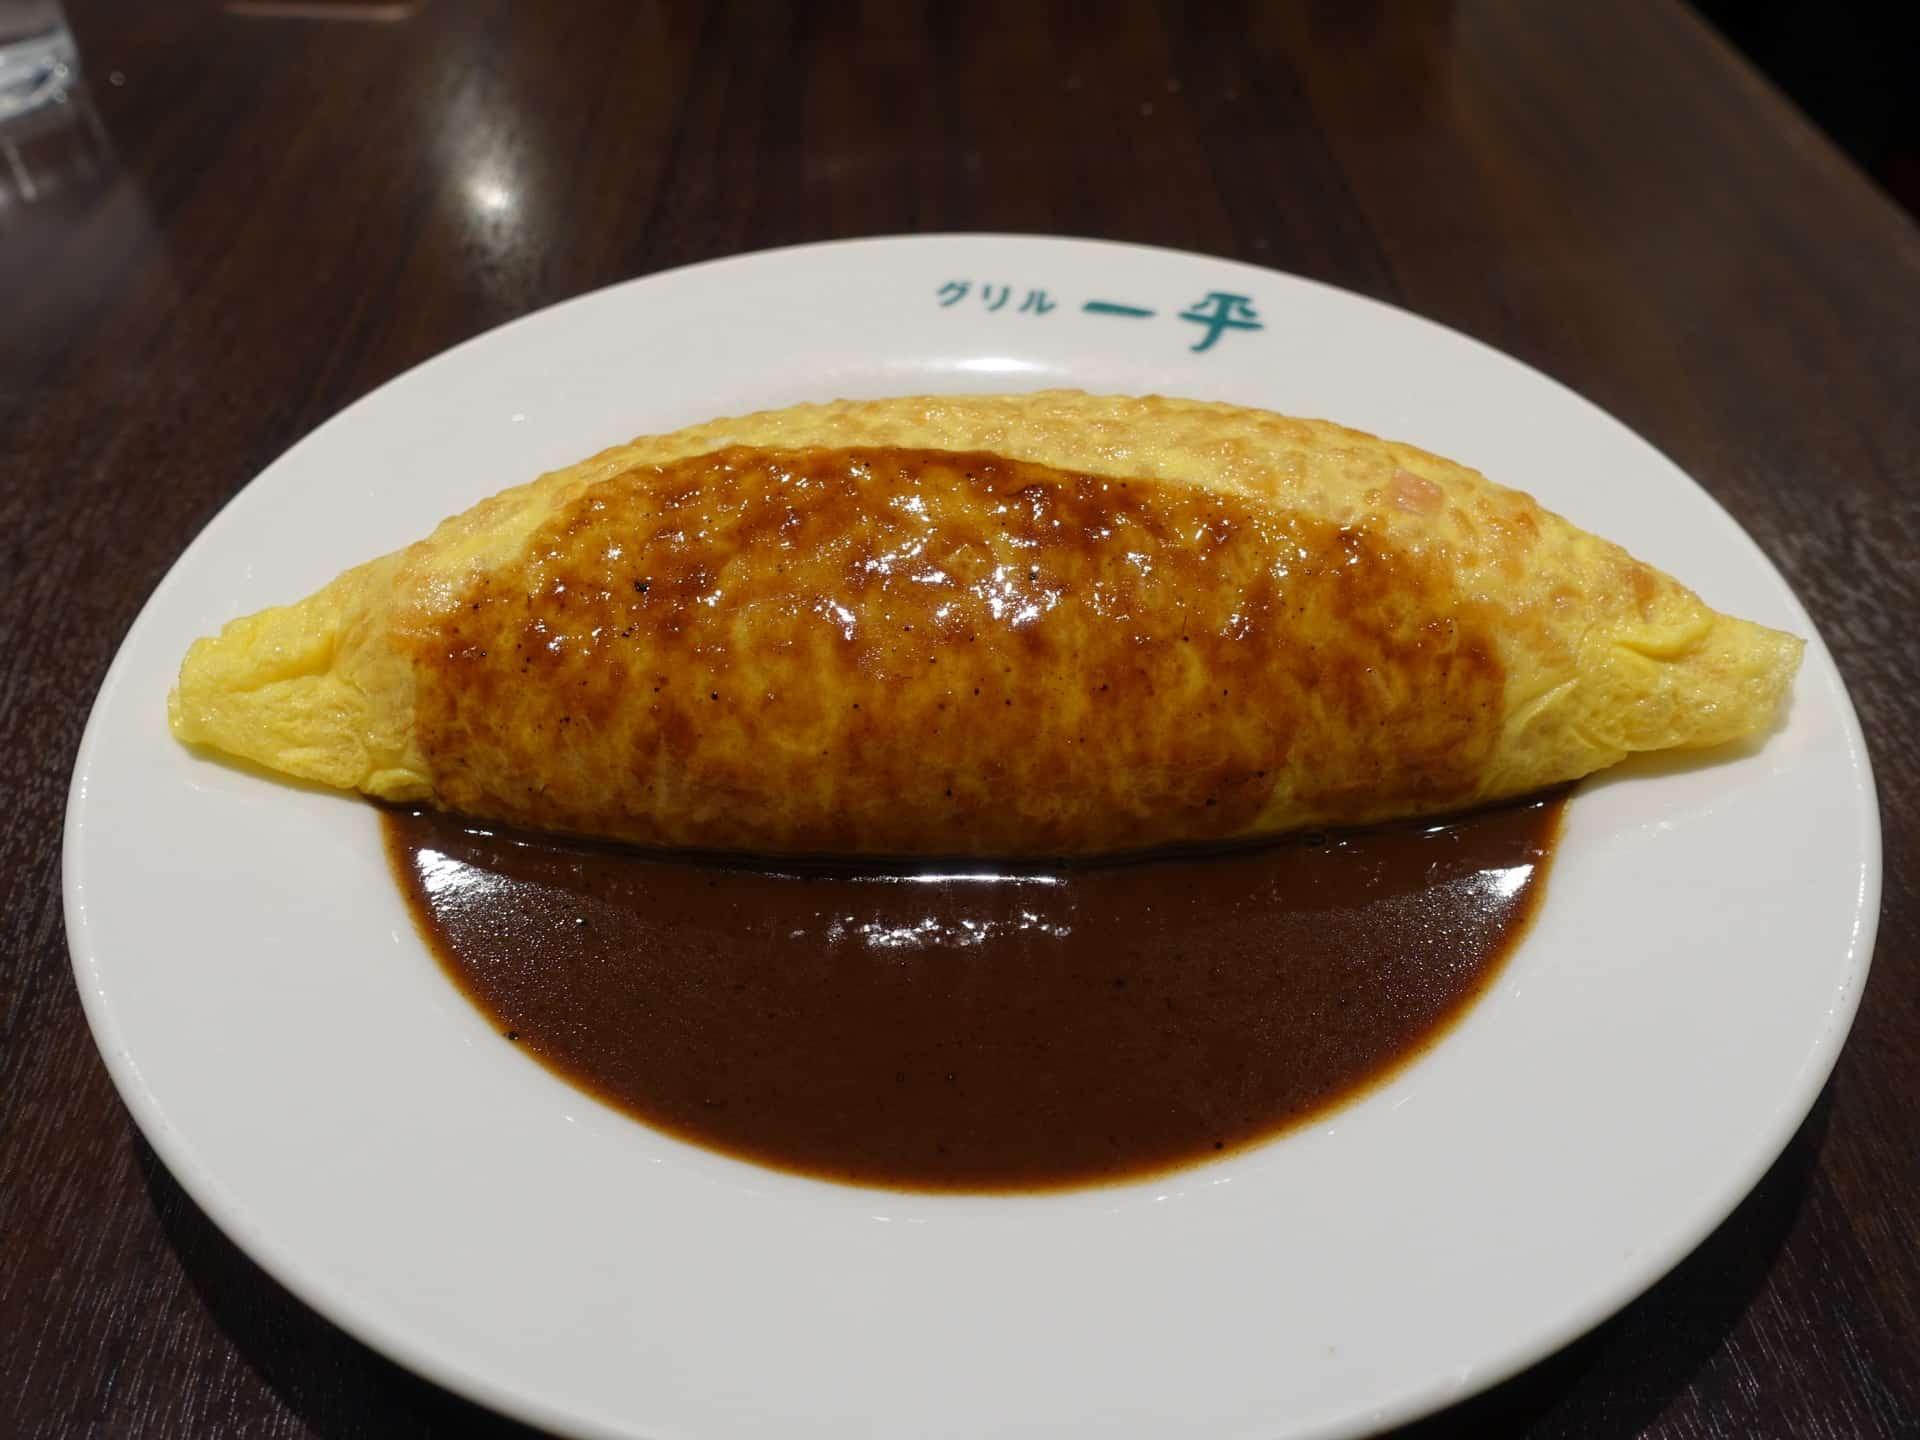 グリル一平 三宮店 − 神戸の老舗洋食屋でランチ。オムライスやビフカツはかなりおすすめ